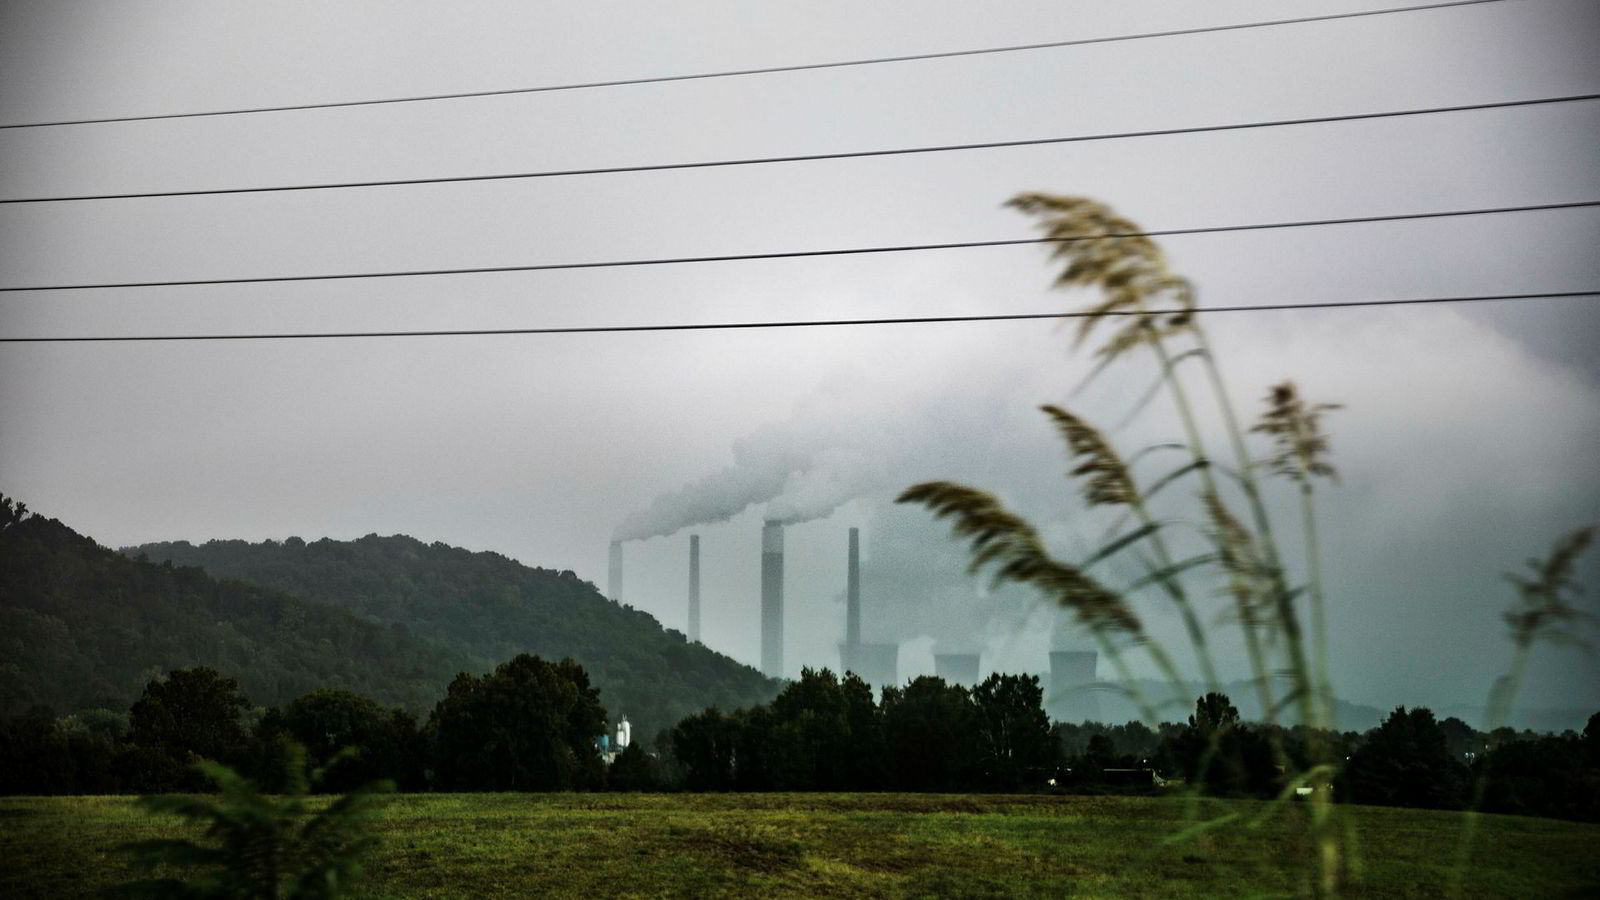 Kullindustrien illustrerer at klimaendringene går fra å være et langsiktig miljøproblem, til en stadig mer nærliggende finansiell utfordring.